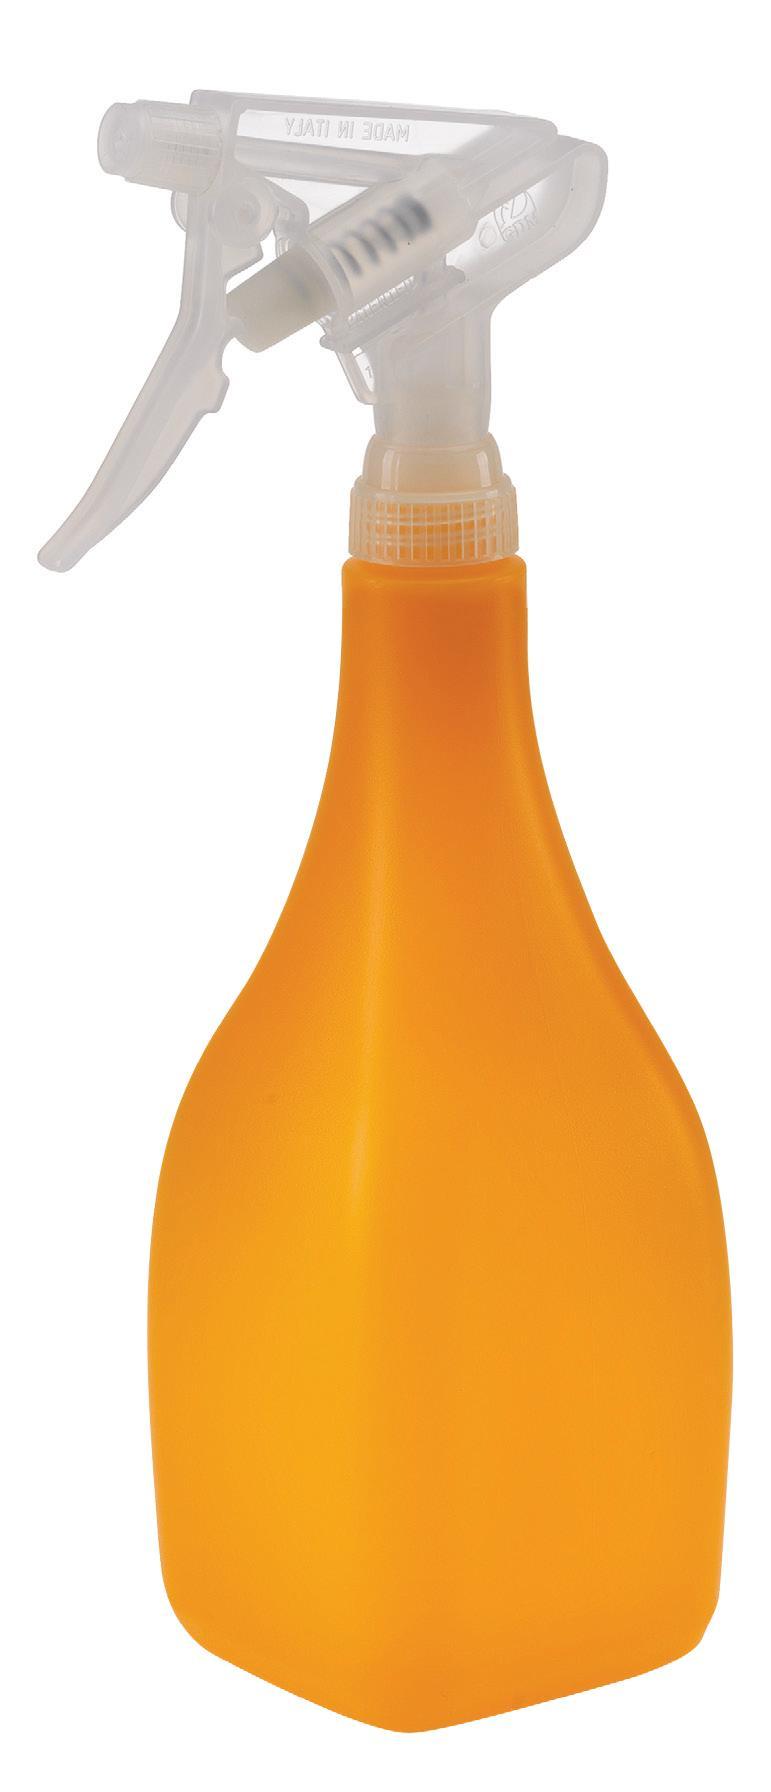 Опрыскиватель ручной курковый Di Martino Venezia 1л, оранжевый опрыскиватель di martino stilla 5 оранжевый 5 л 4032